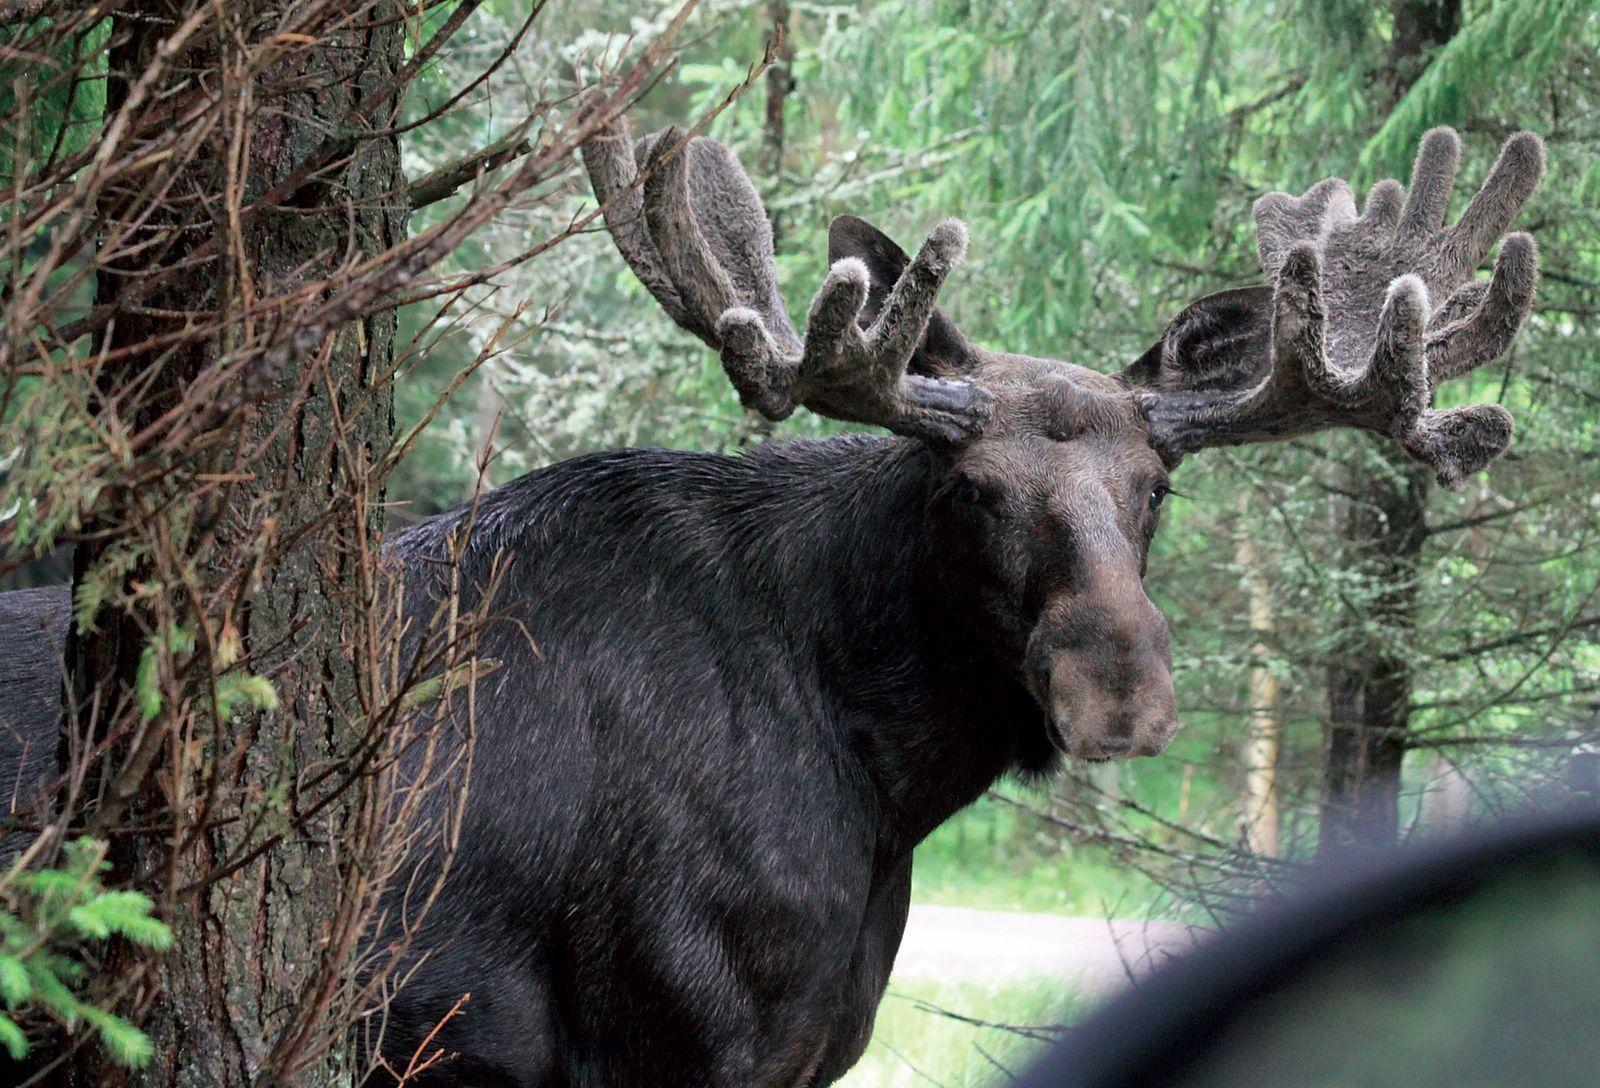 Szomorú látvány a gumiabronccsal a nyakában sétáló jávorszarvas – morzsaFARM